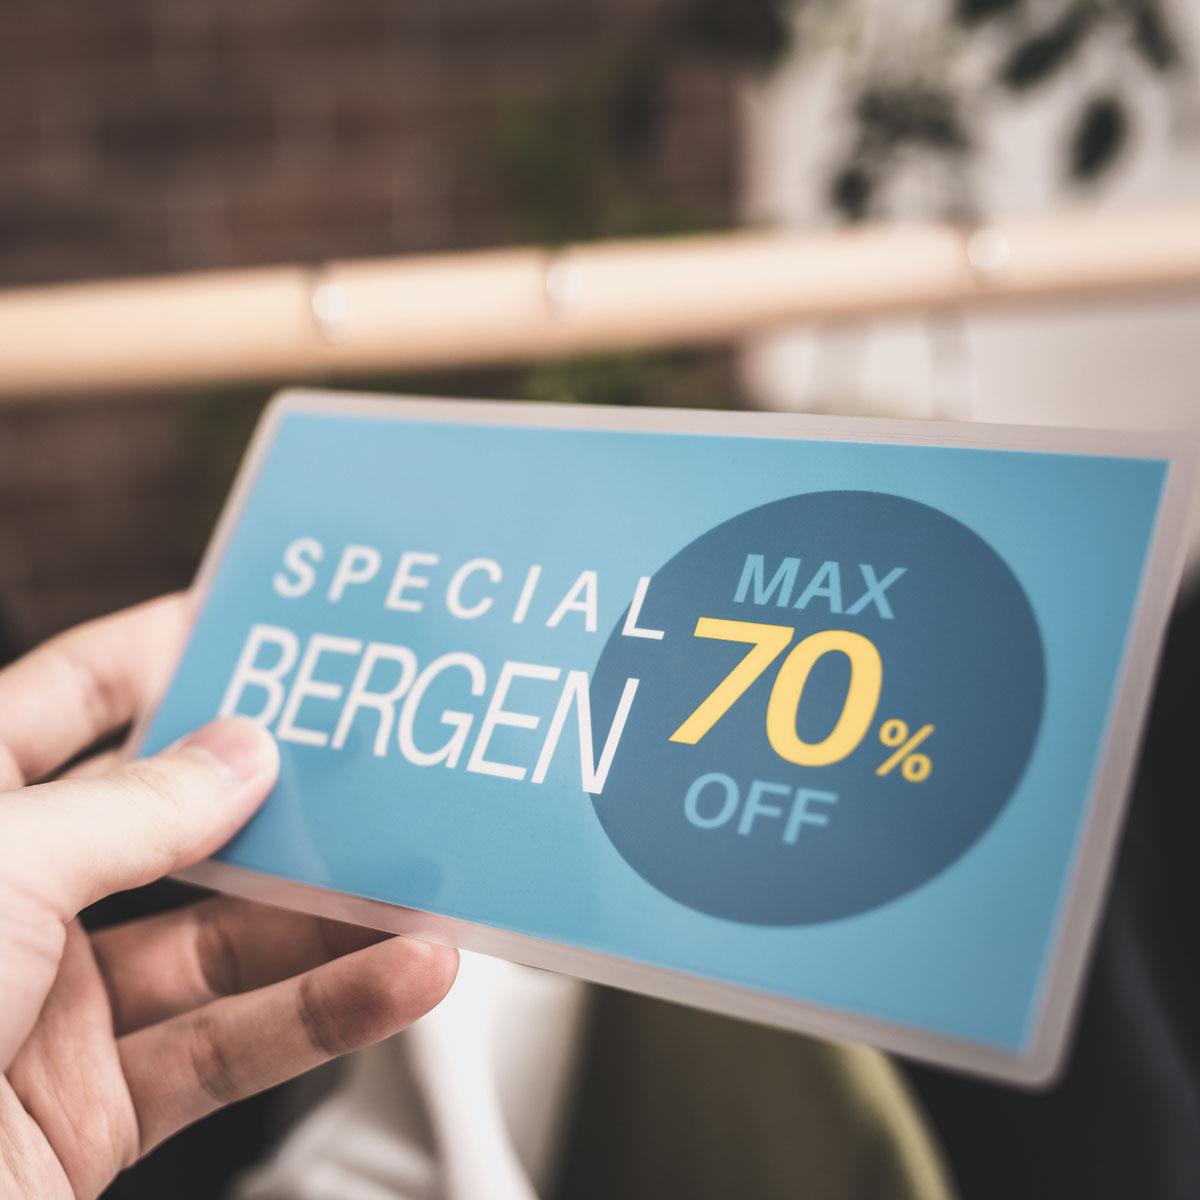 バーゲンセールは買い物術としてアリ?ナシ?